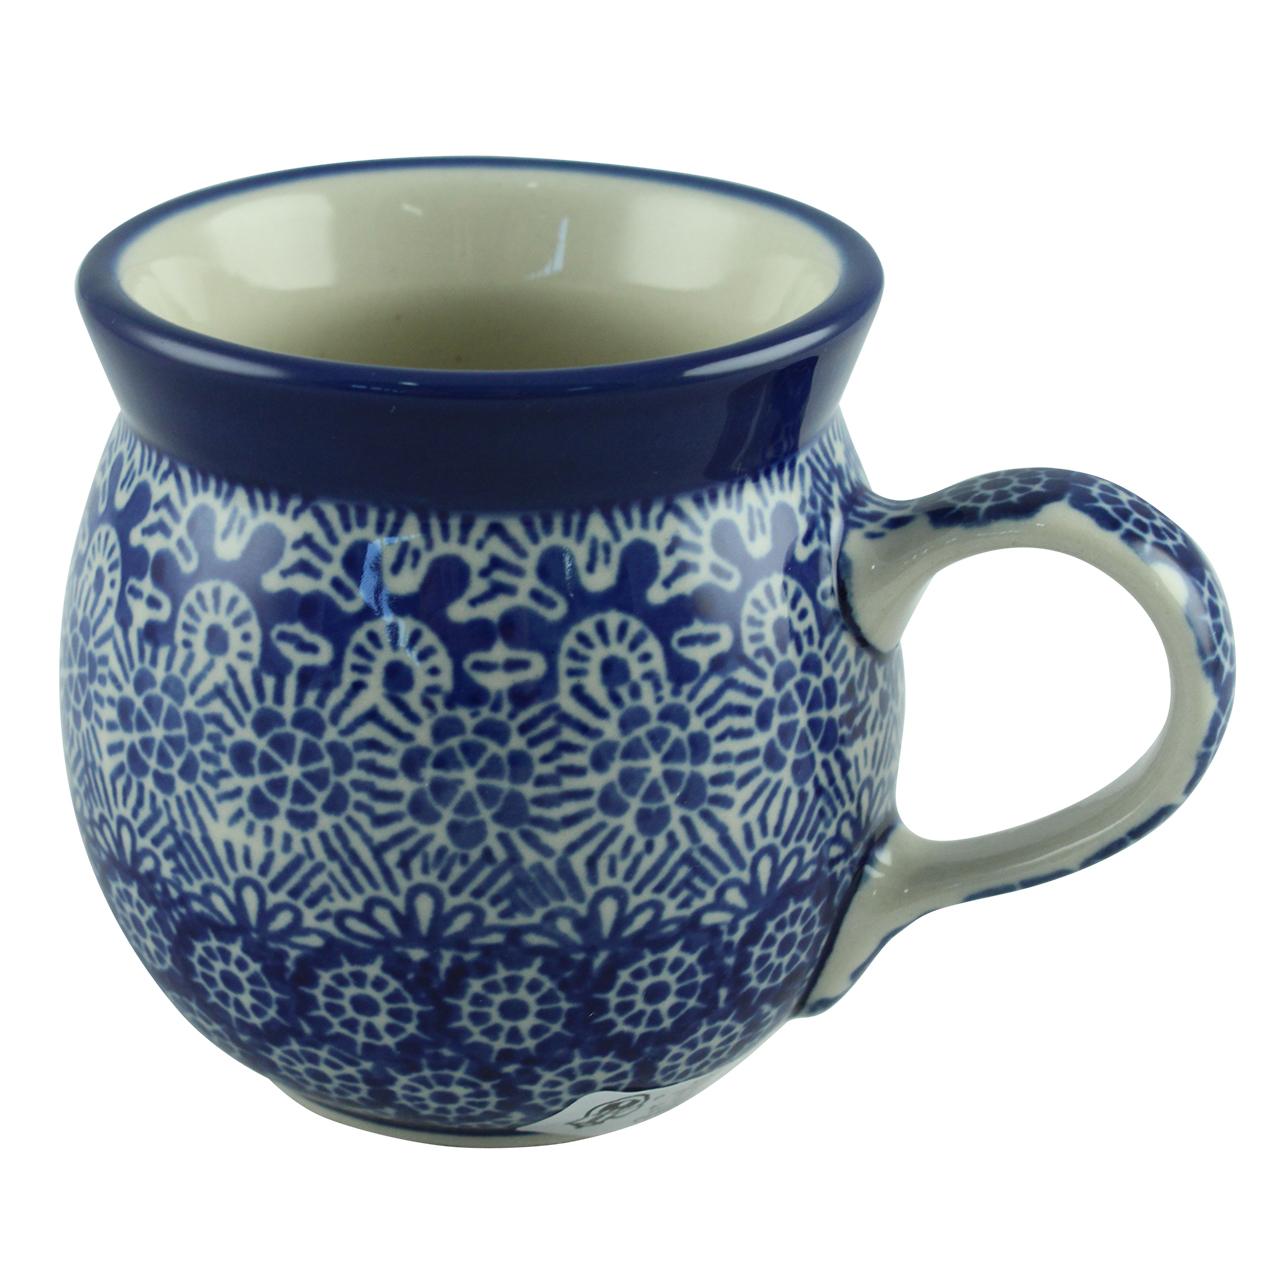 Cana Cu Toarta Din Ceramica